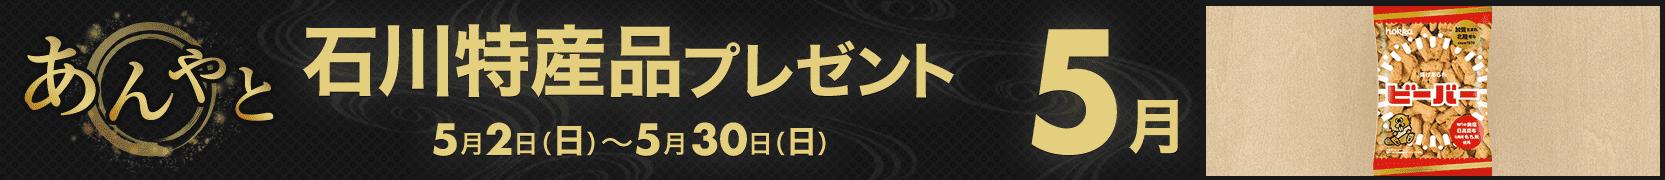 石川県特産品プレゼントキャンペーン(2021年5月)